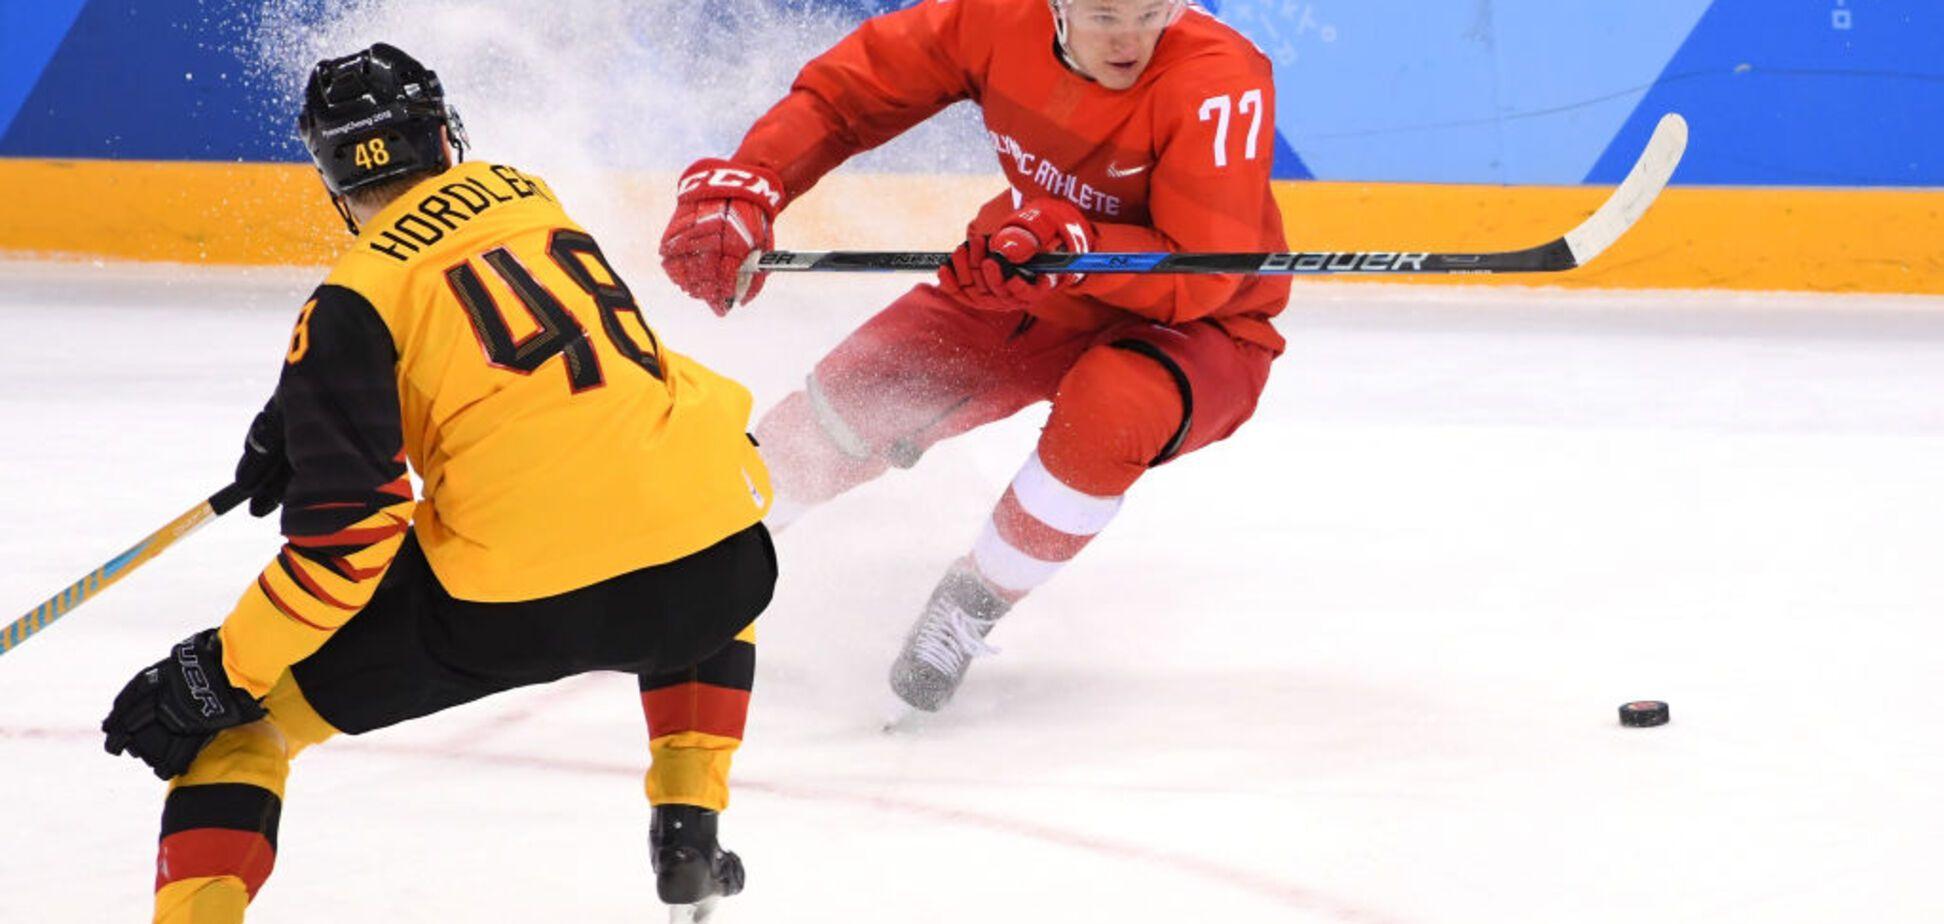 Российские хоккеисты чудом избежали позора в финале Олимпиады-2018